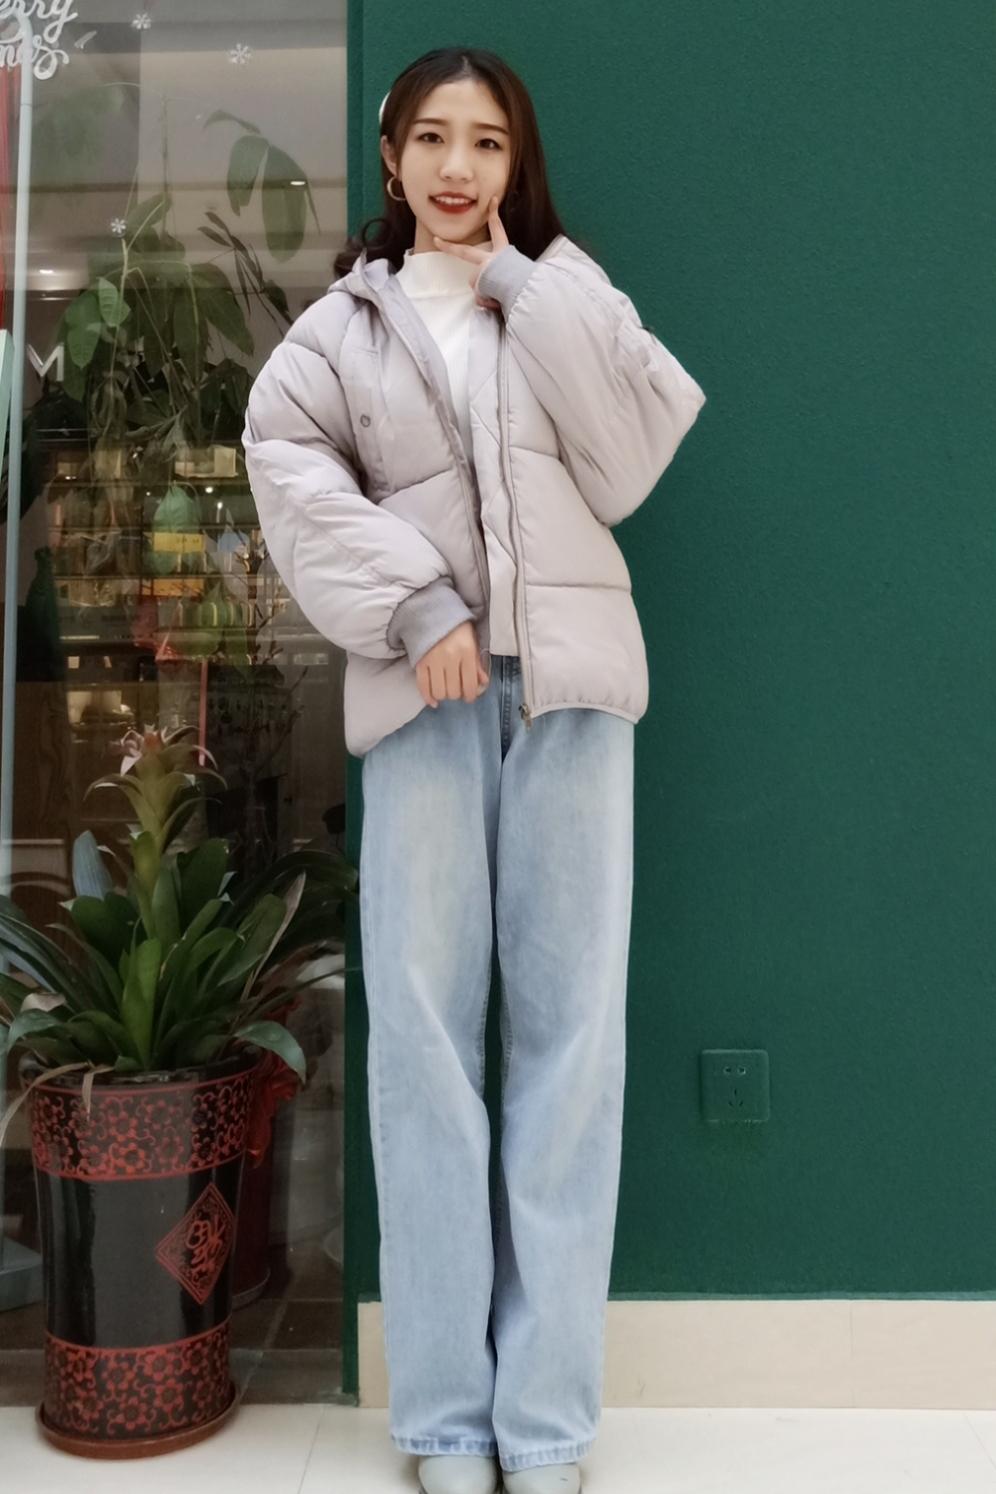 #显高显瘦# 灰色系的面包服保暖好好呦~今年大部分的衣服都是灰色系~给人一种温柔的感觉呢~口袋的设计也很独特啦~浅蓝色牛仔裤搭配的刚刚好~炒鸡显腿长呢